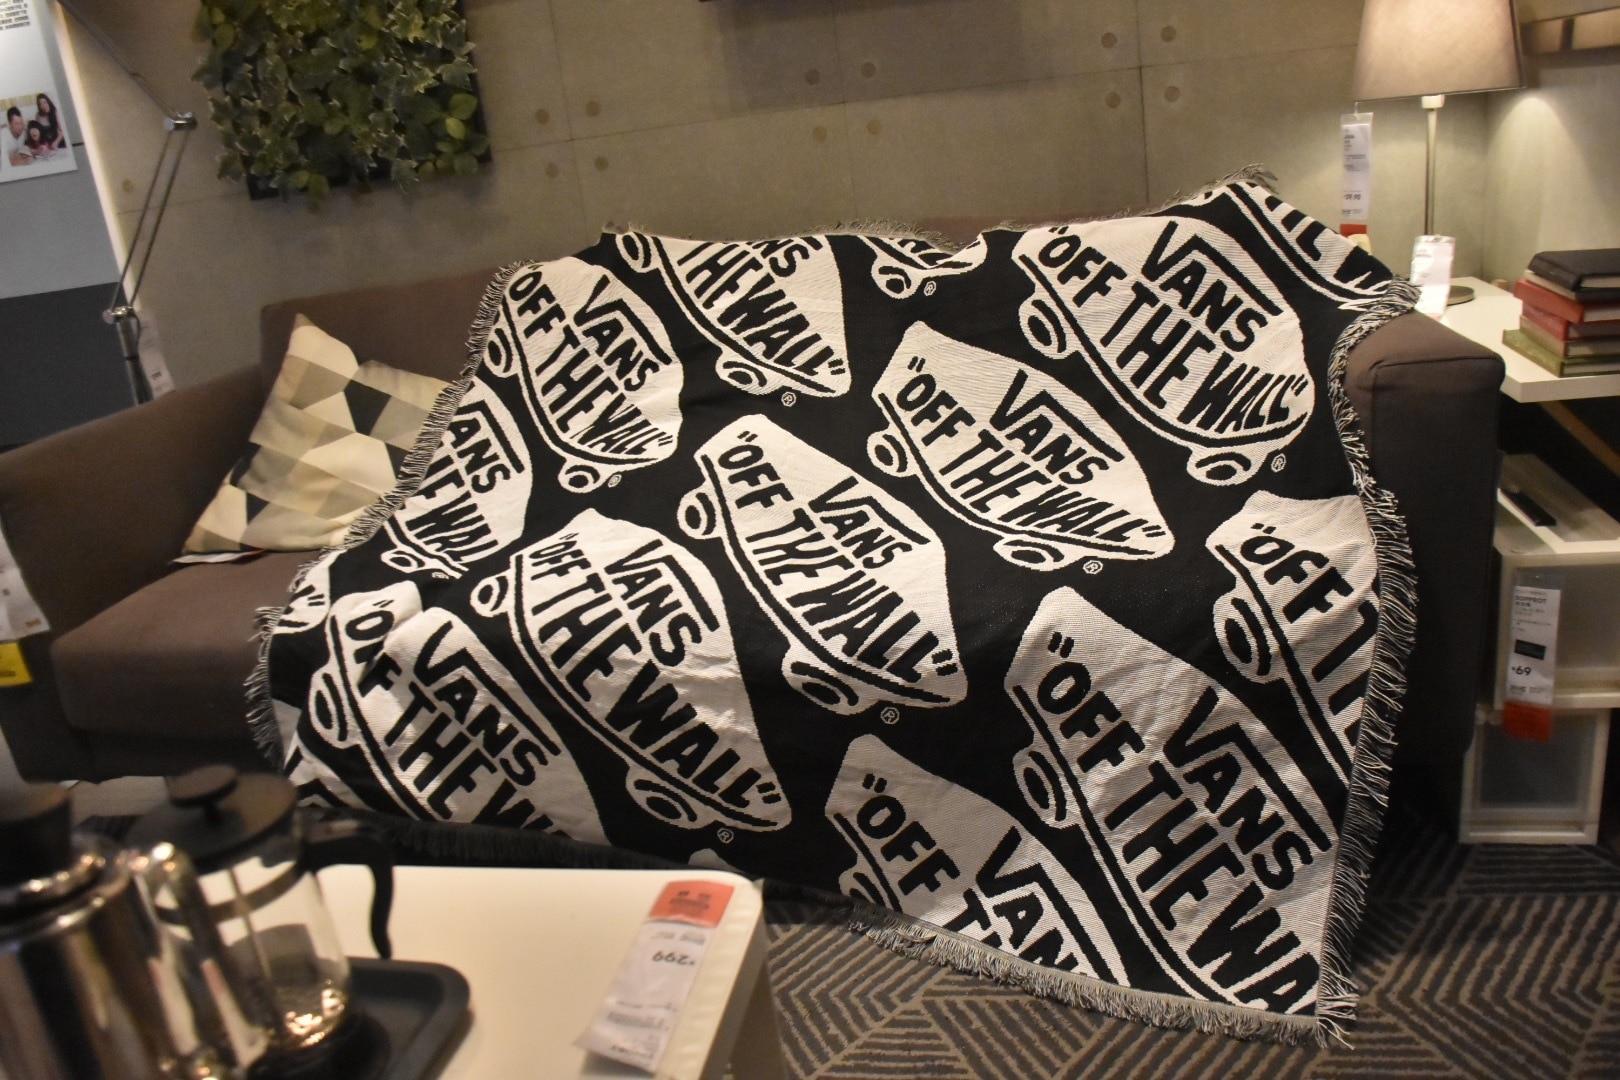 الأمريكية أسود أبيض عربات بطانية أريكة غطاء منشفة يلقي المنسوجات المنزلية معلقة نسيج